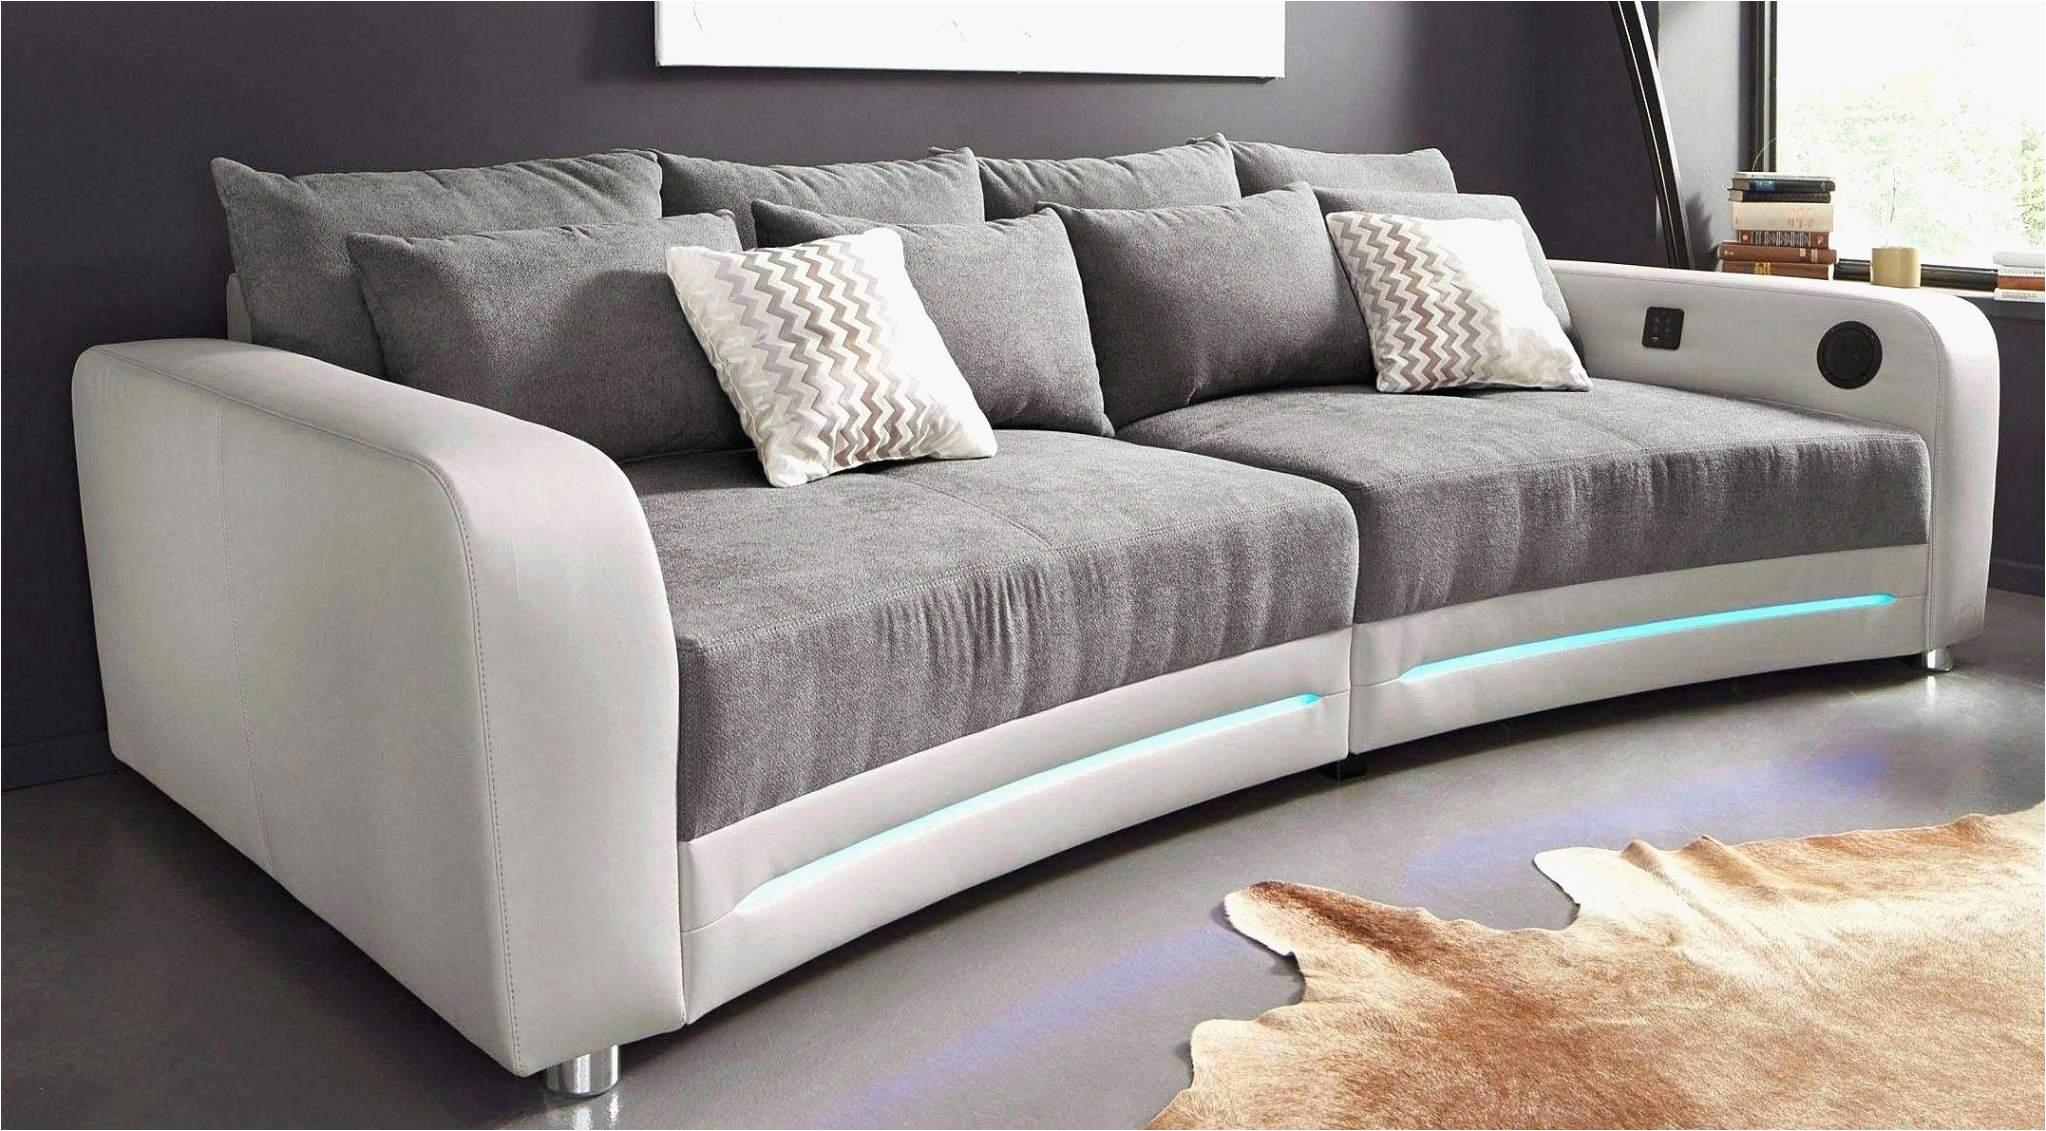 braun und grau kombinieren wohnzimmer frisch wohnzimmer in grau ideen der grund warum sie es versuchen of braun und grau kombinieren wohnzimmer